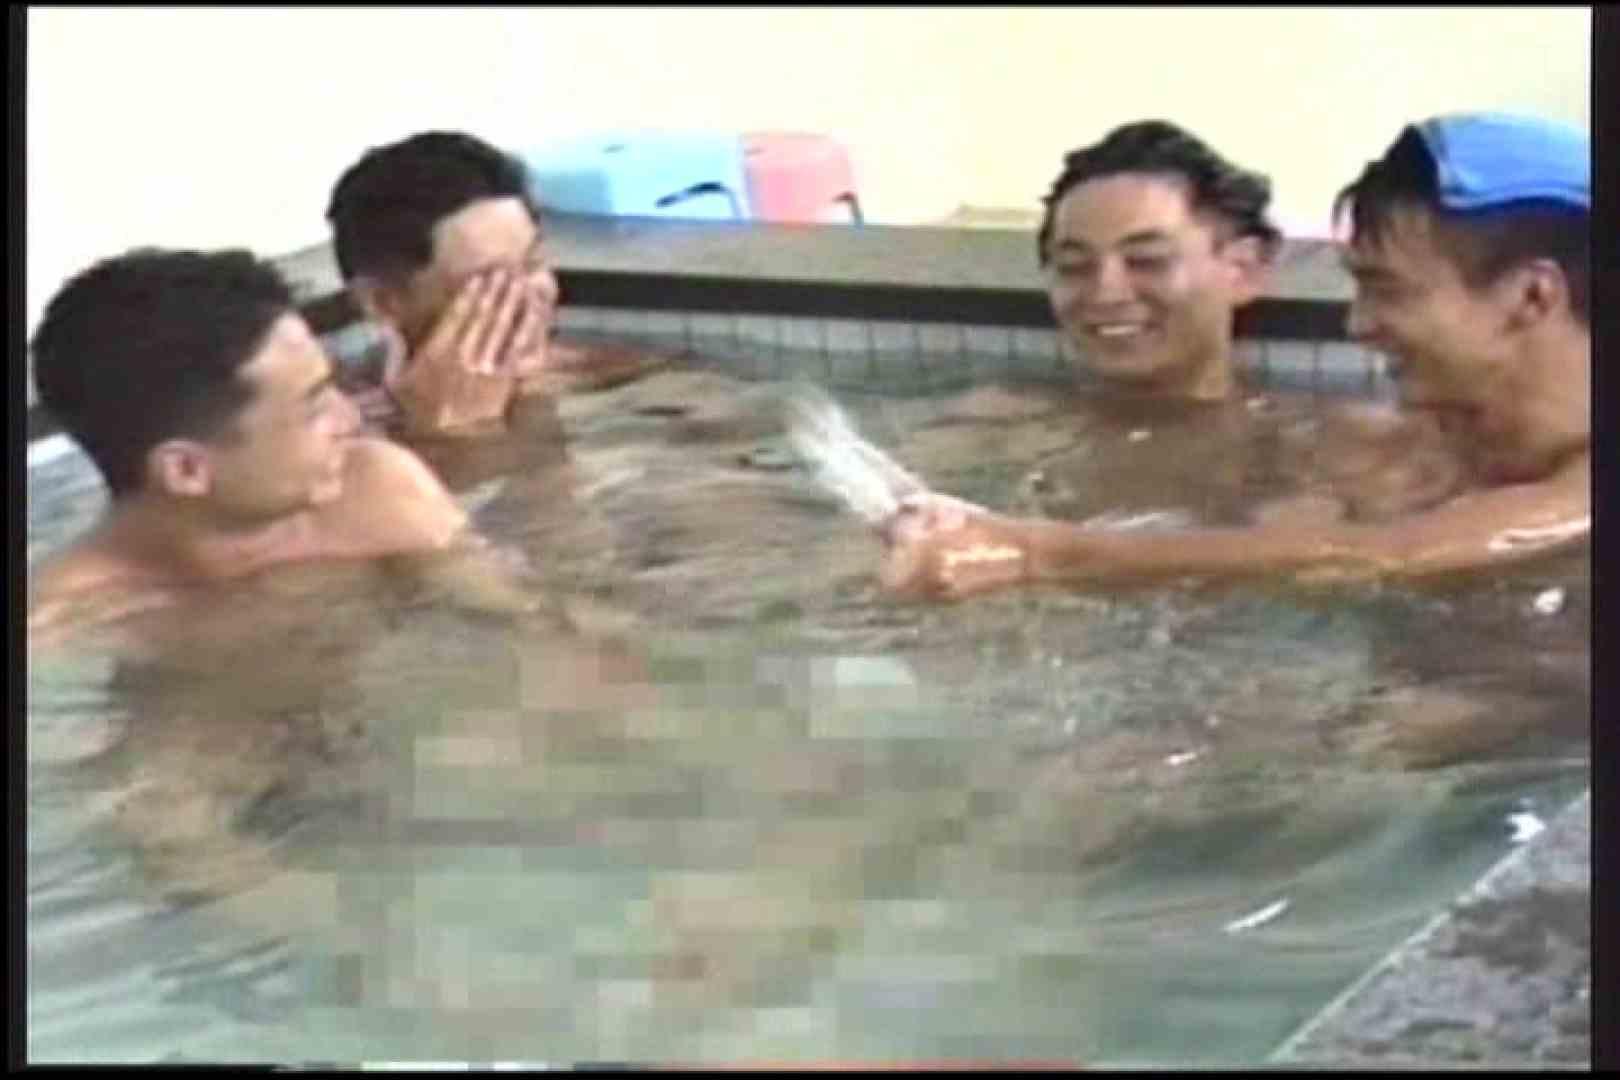 体育会系男子の銭湯合宿を覗いてみようvol.01 体育会系な男たち ゲイエロ動画 91連発 69